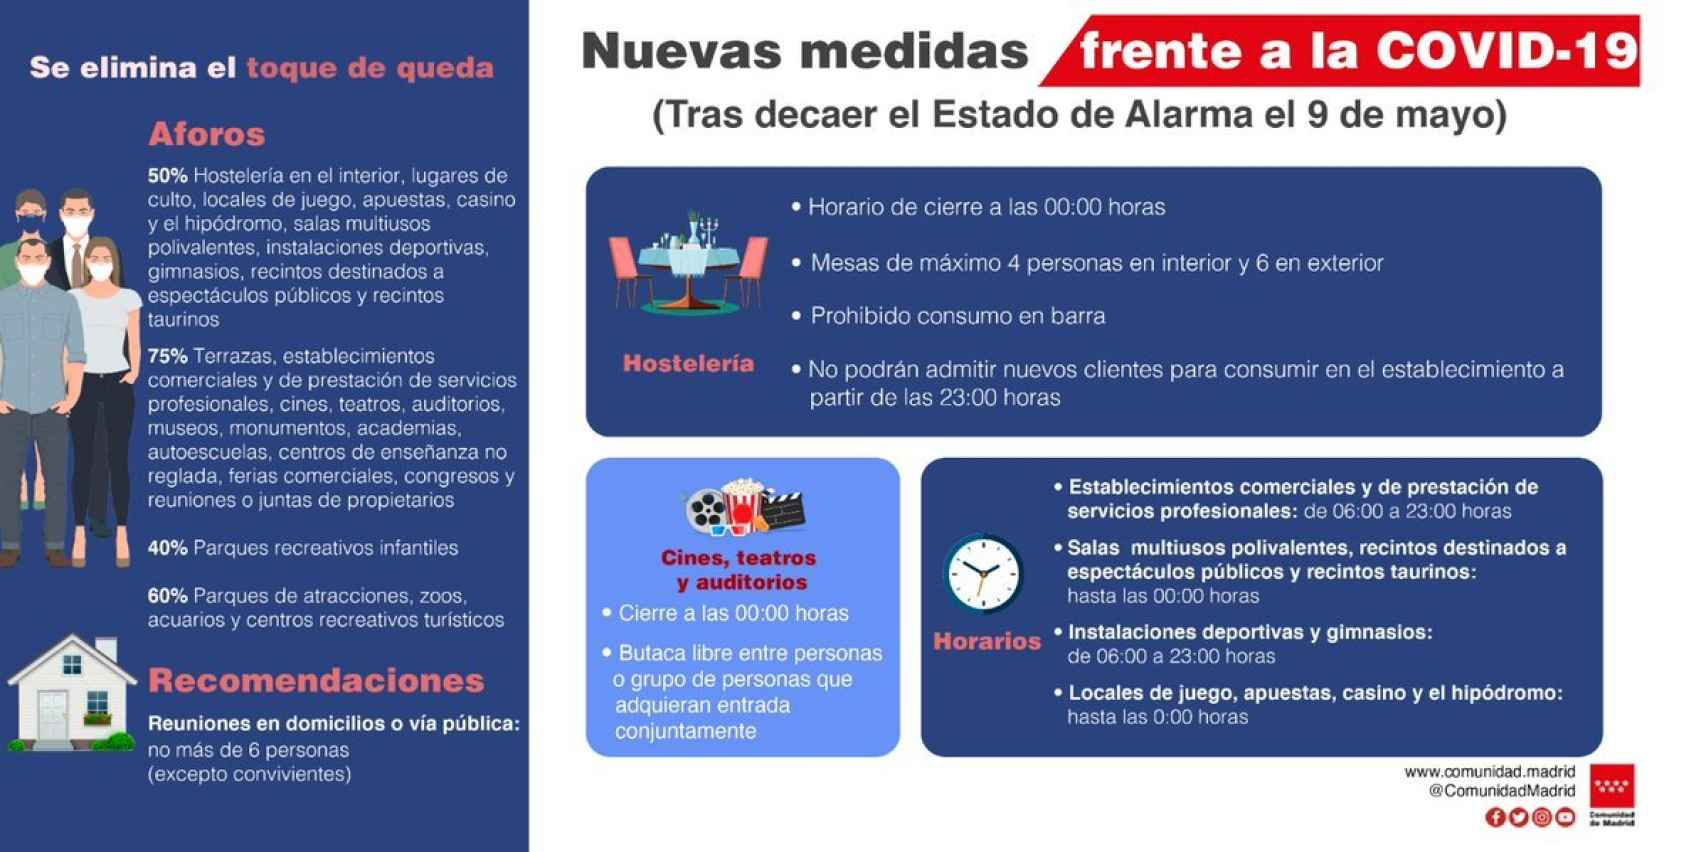 Nuevas medidas frente a la Covid en Madrid.